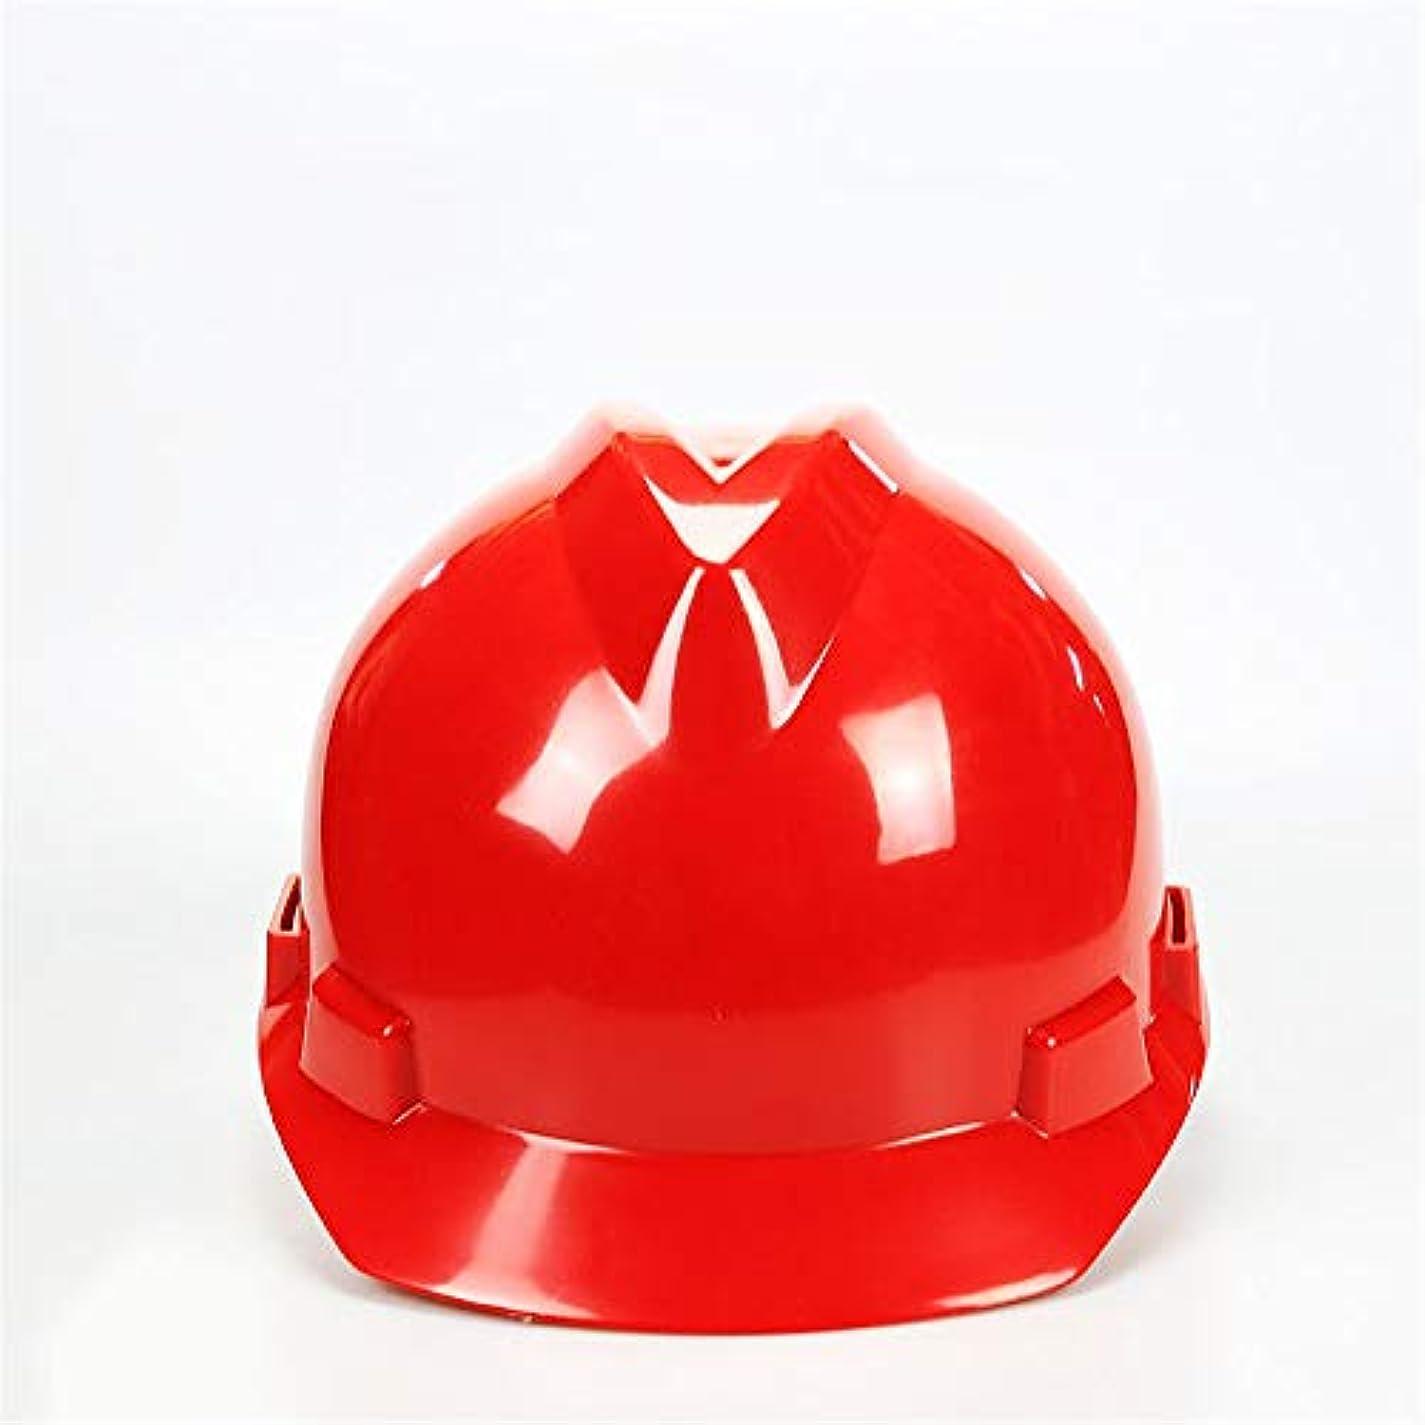 申請中印象的マニュアル安全ヘルメット ワンタッチスリップラチェットと調整システム (色 : 赤)